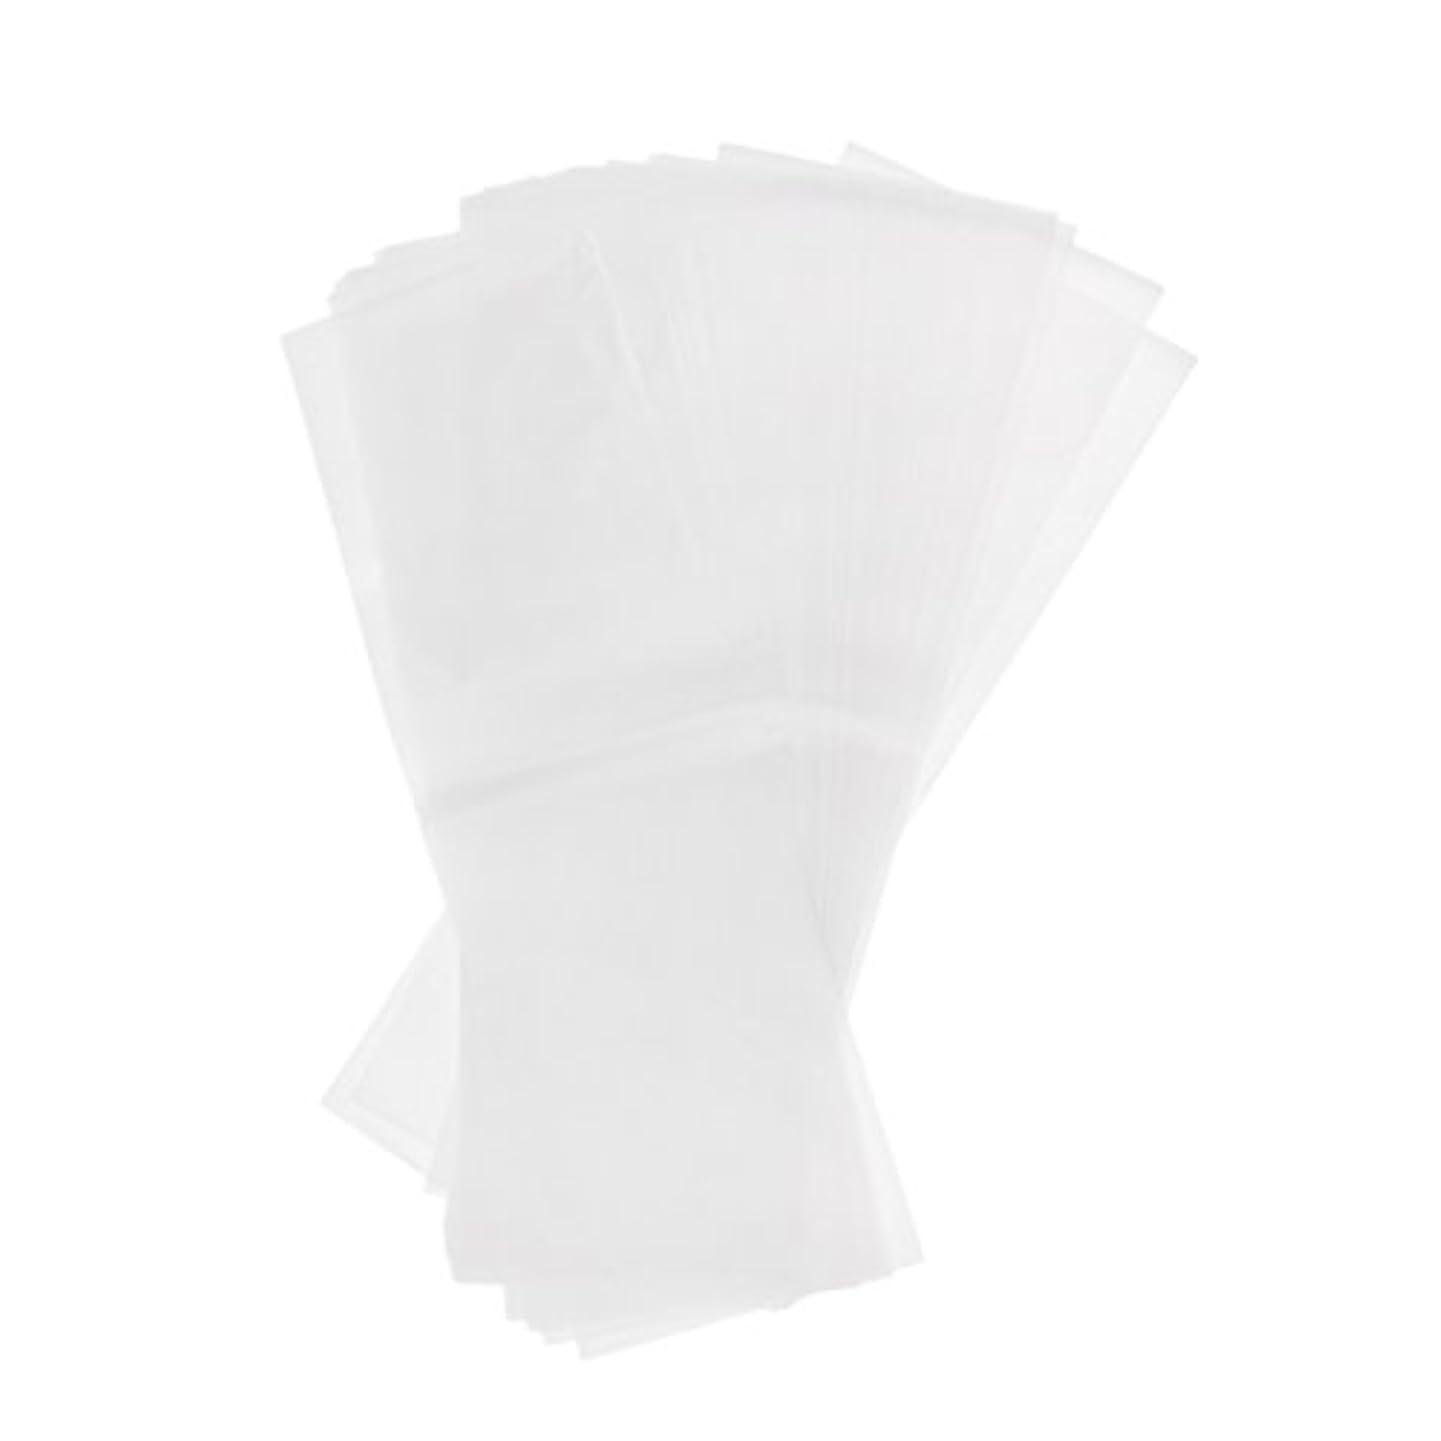 ランドマーク再撮りギャザーヘアカラー 毛染め 分版用紙 ハイライトシート 毛染め紙 再利用可能な 透明 2仕様選べ - ホワイト